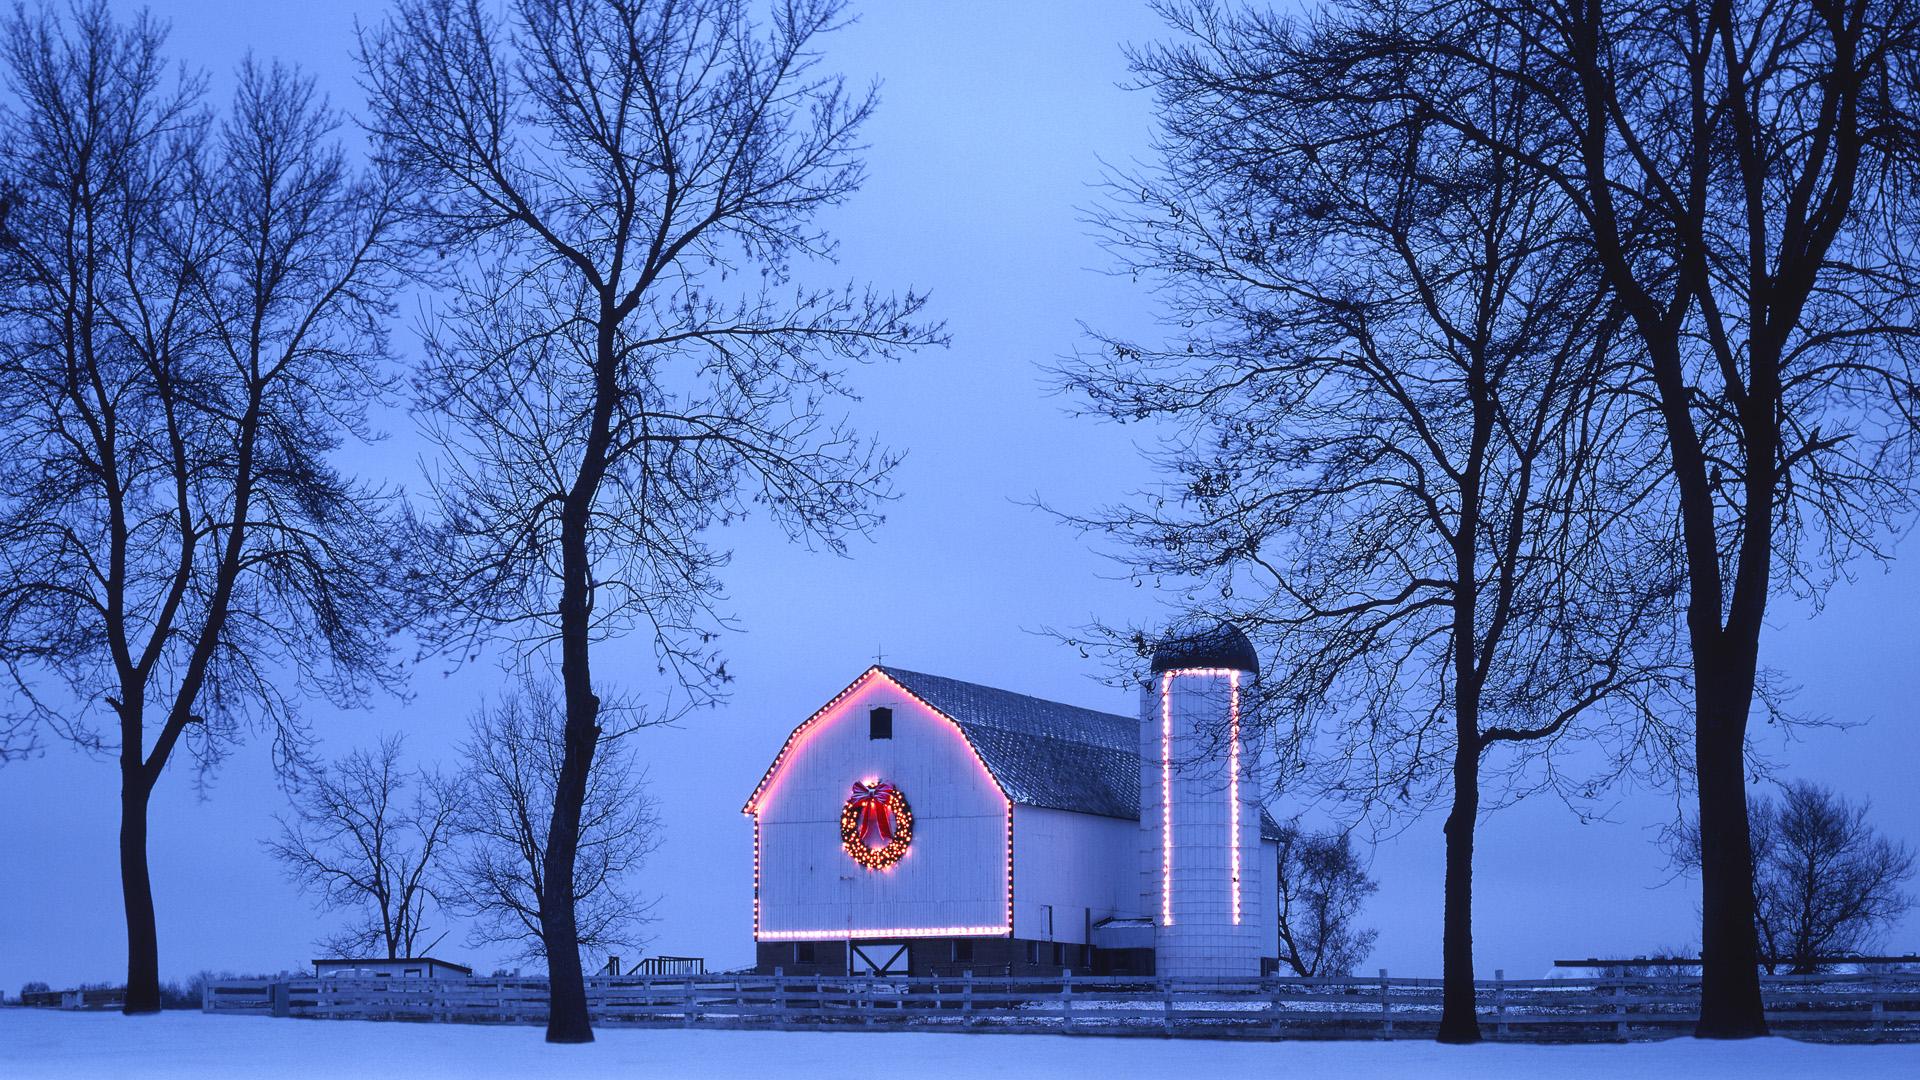 Snowy house free wallpaper world - Winter farm scenes wallpaper ...